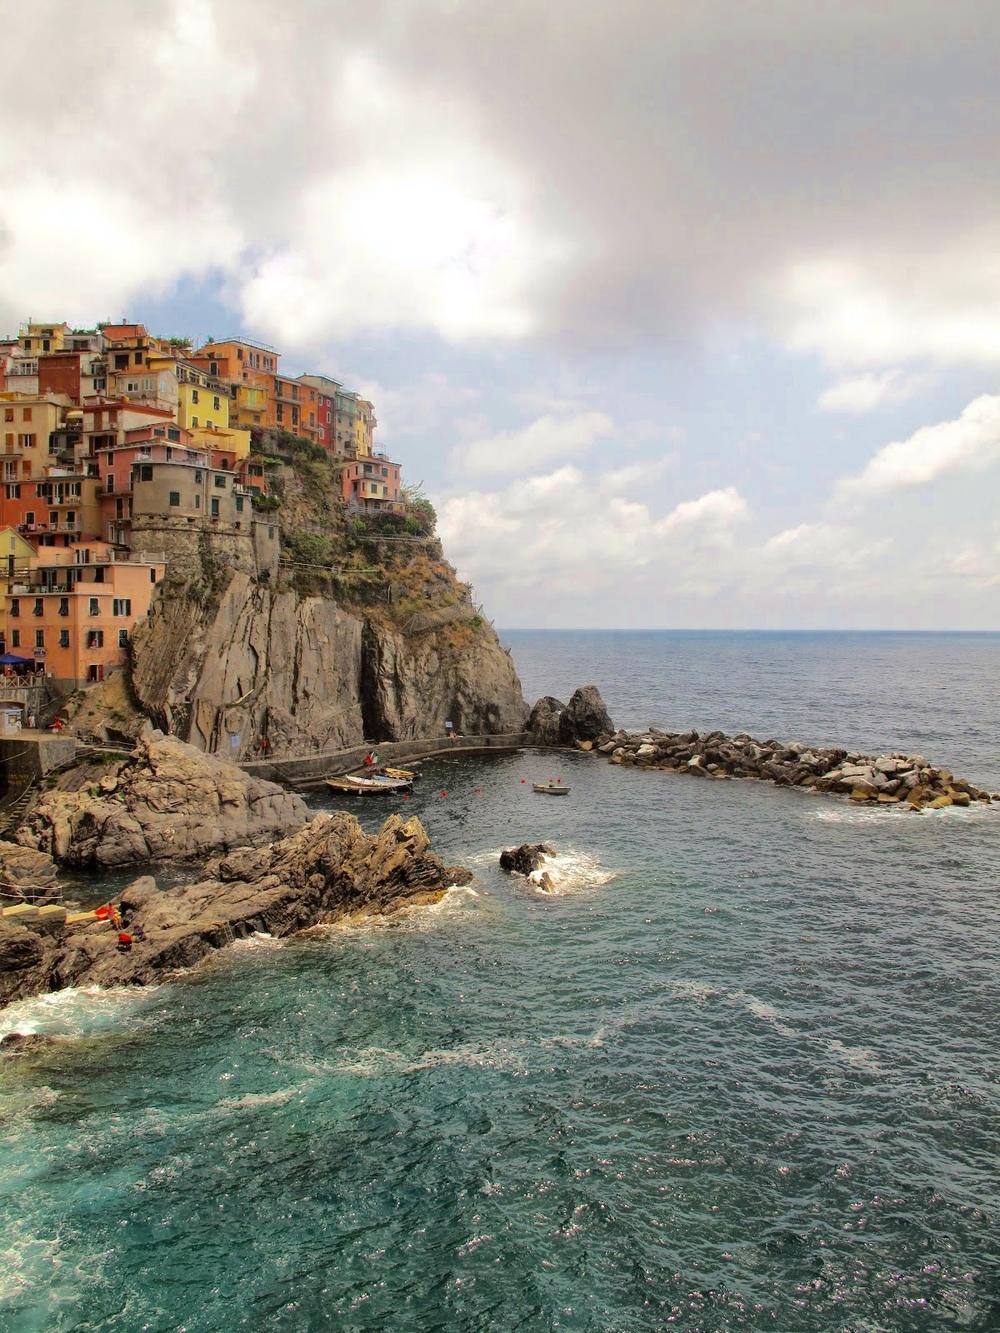 Riomaggiore photography - an Italian village on the coast of the Cinque Terre.